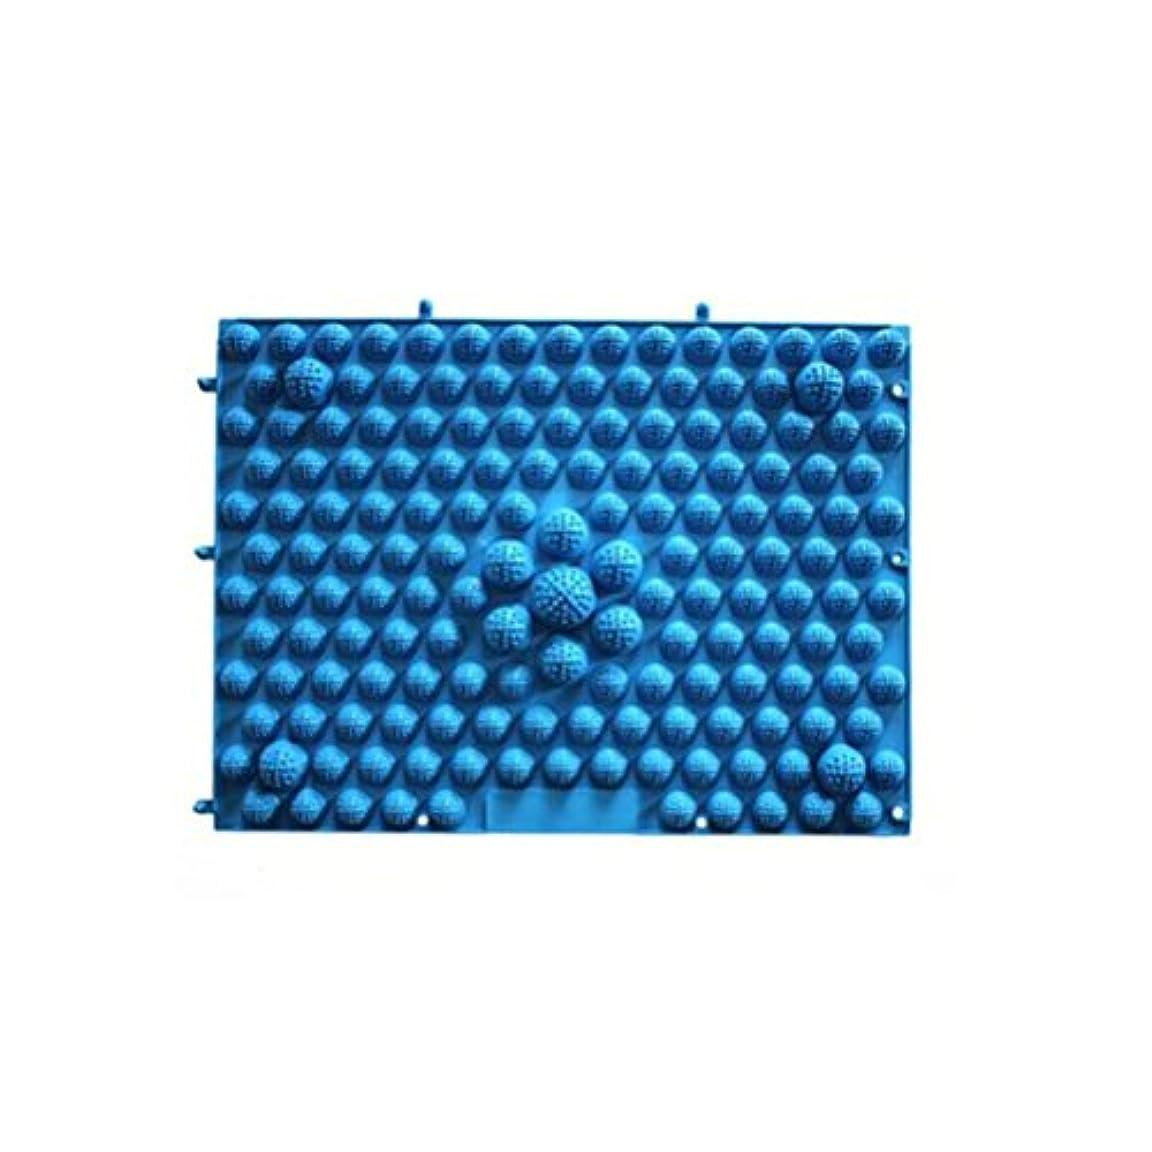 航空便インフラ銅ROSENICE 足マッサージマット 血液循環指圧マットフィートヘルスケアマッサージプレート(ブルー)